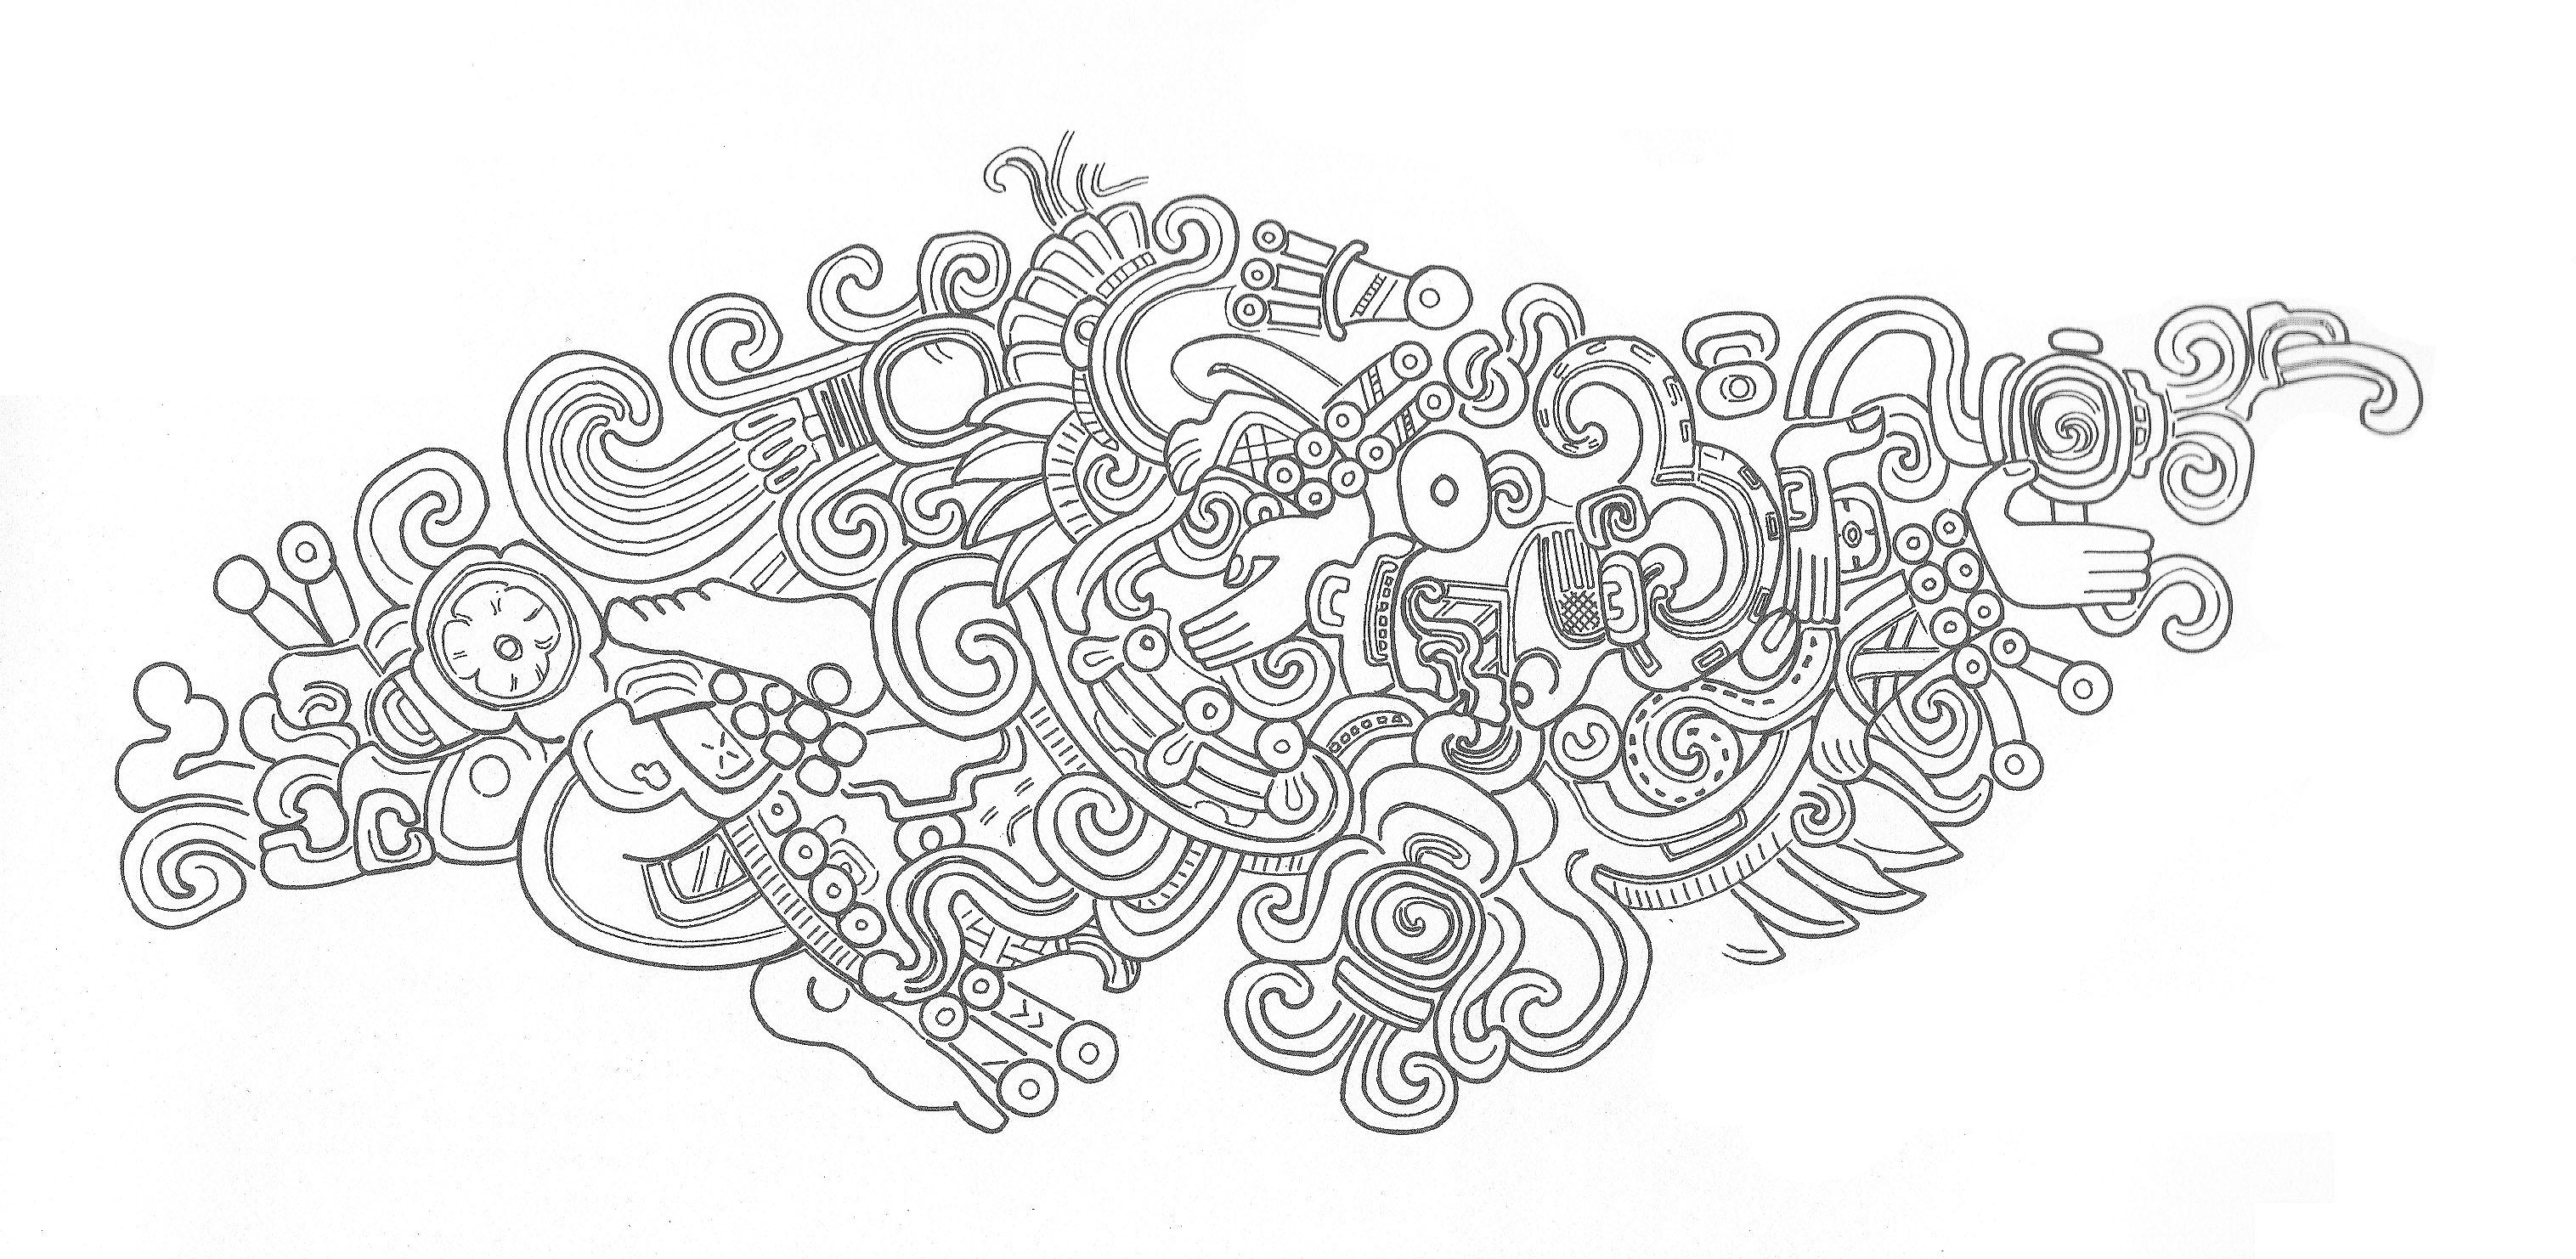 mayan sun god drawing sketch coloring page